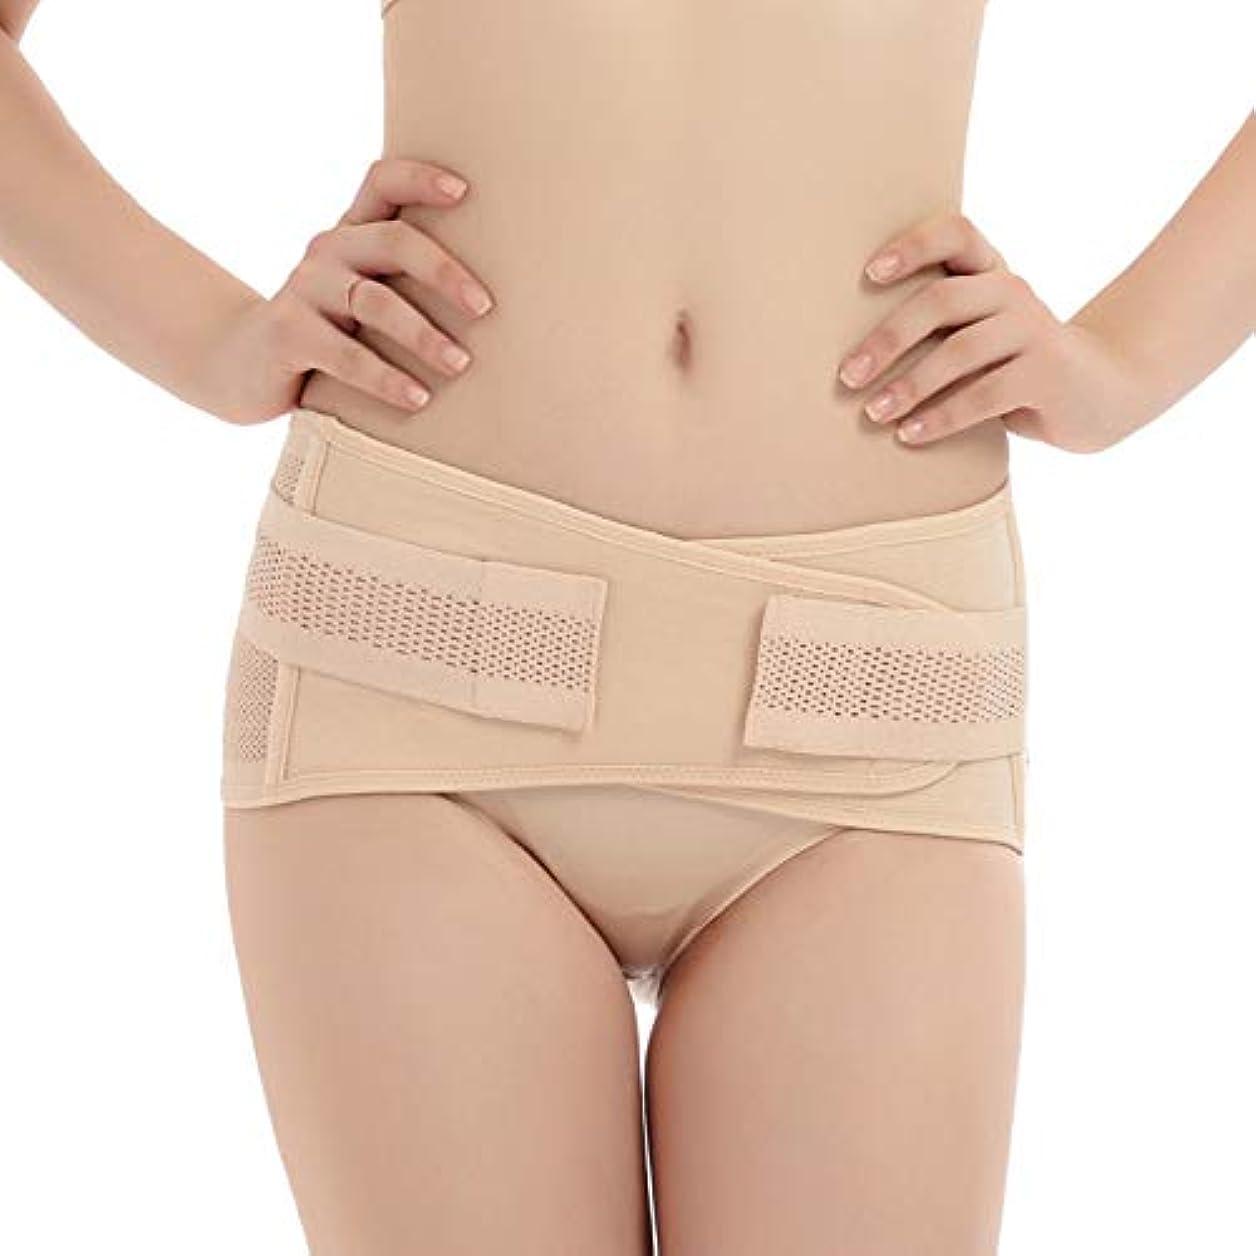 裏切り者三意義JanusSaja妊娠中の女性産後骨盤正しいベルト腹巻き取る骨盤骨盤整形外科用ベルト